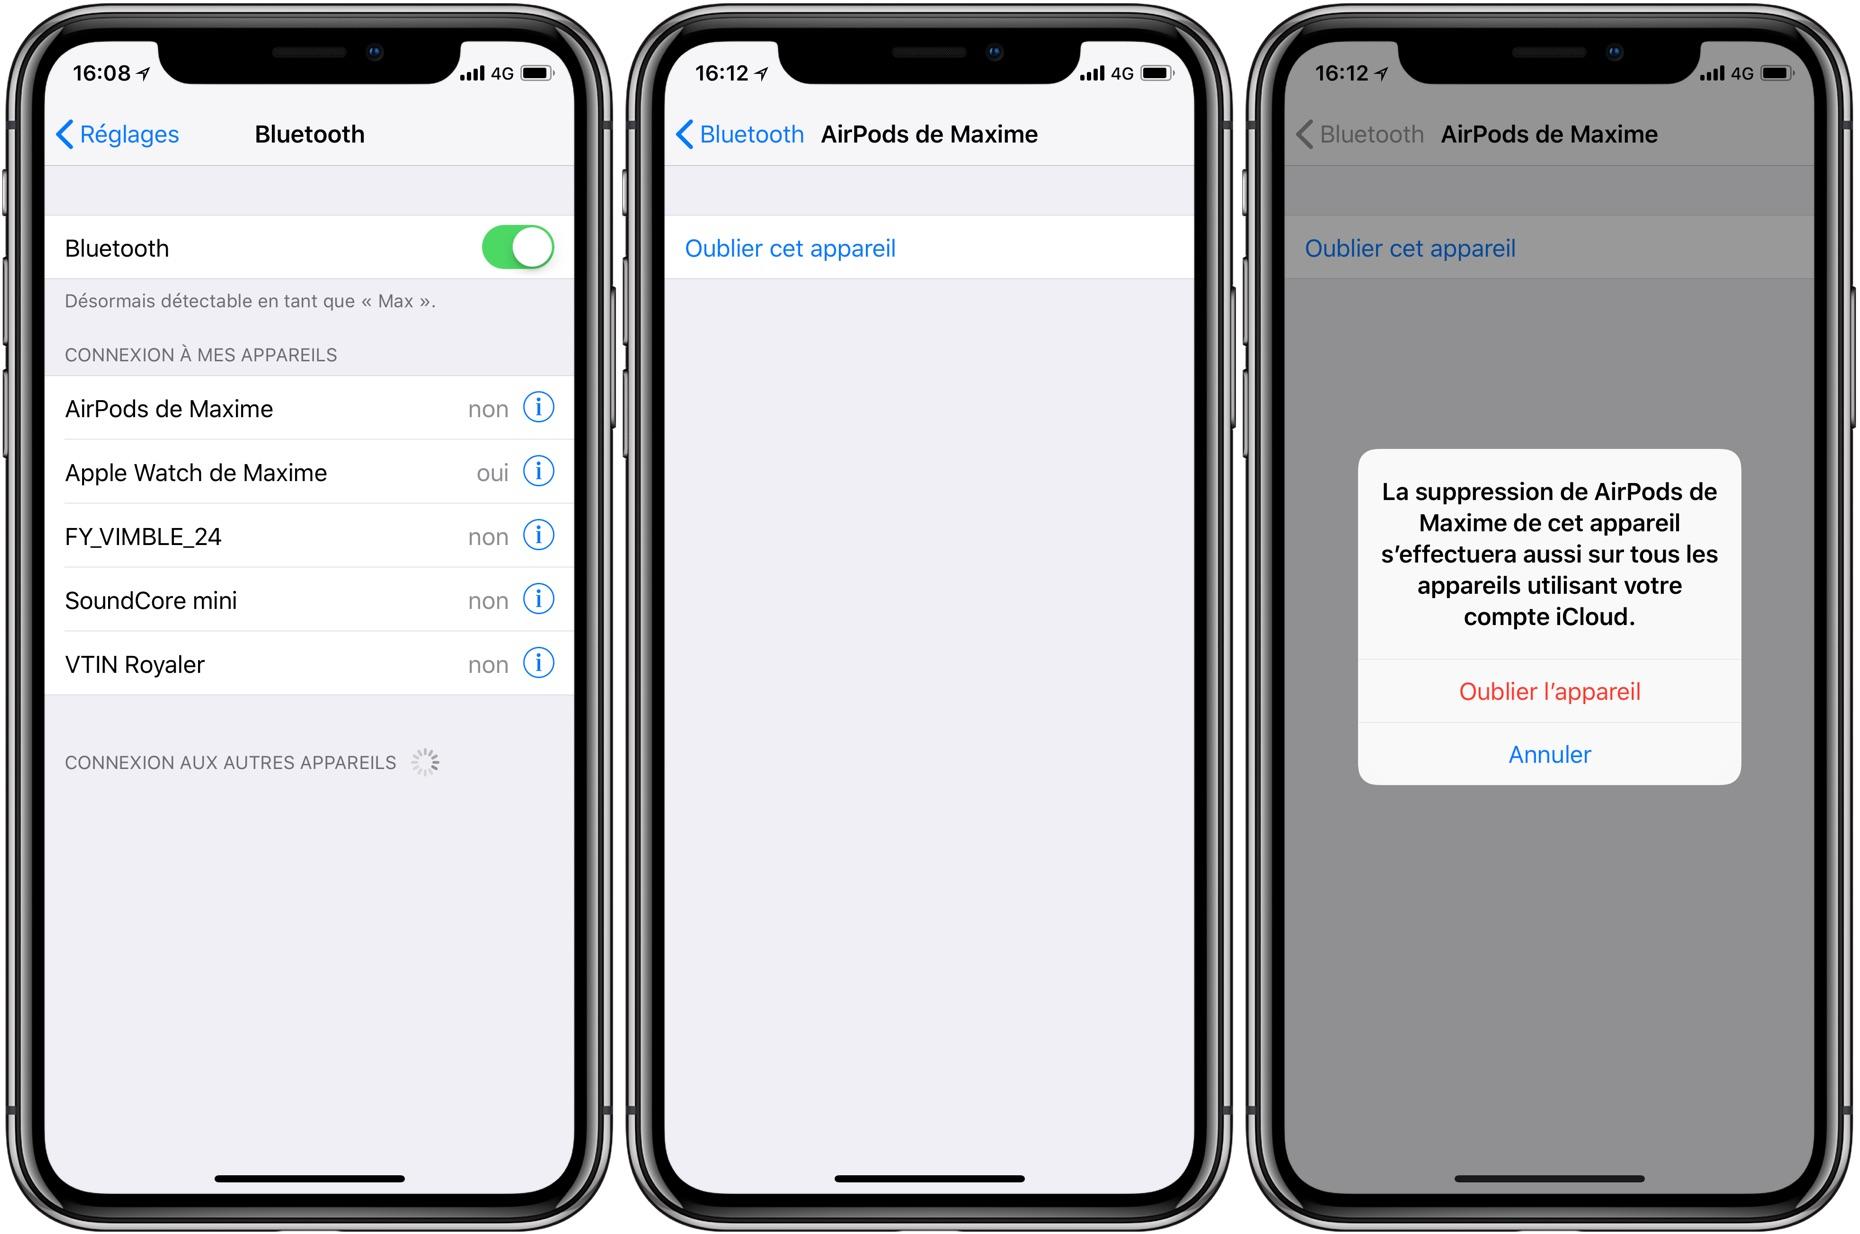 Debloquer Iphone Identifiant Apple